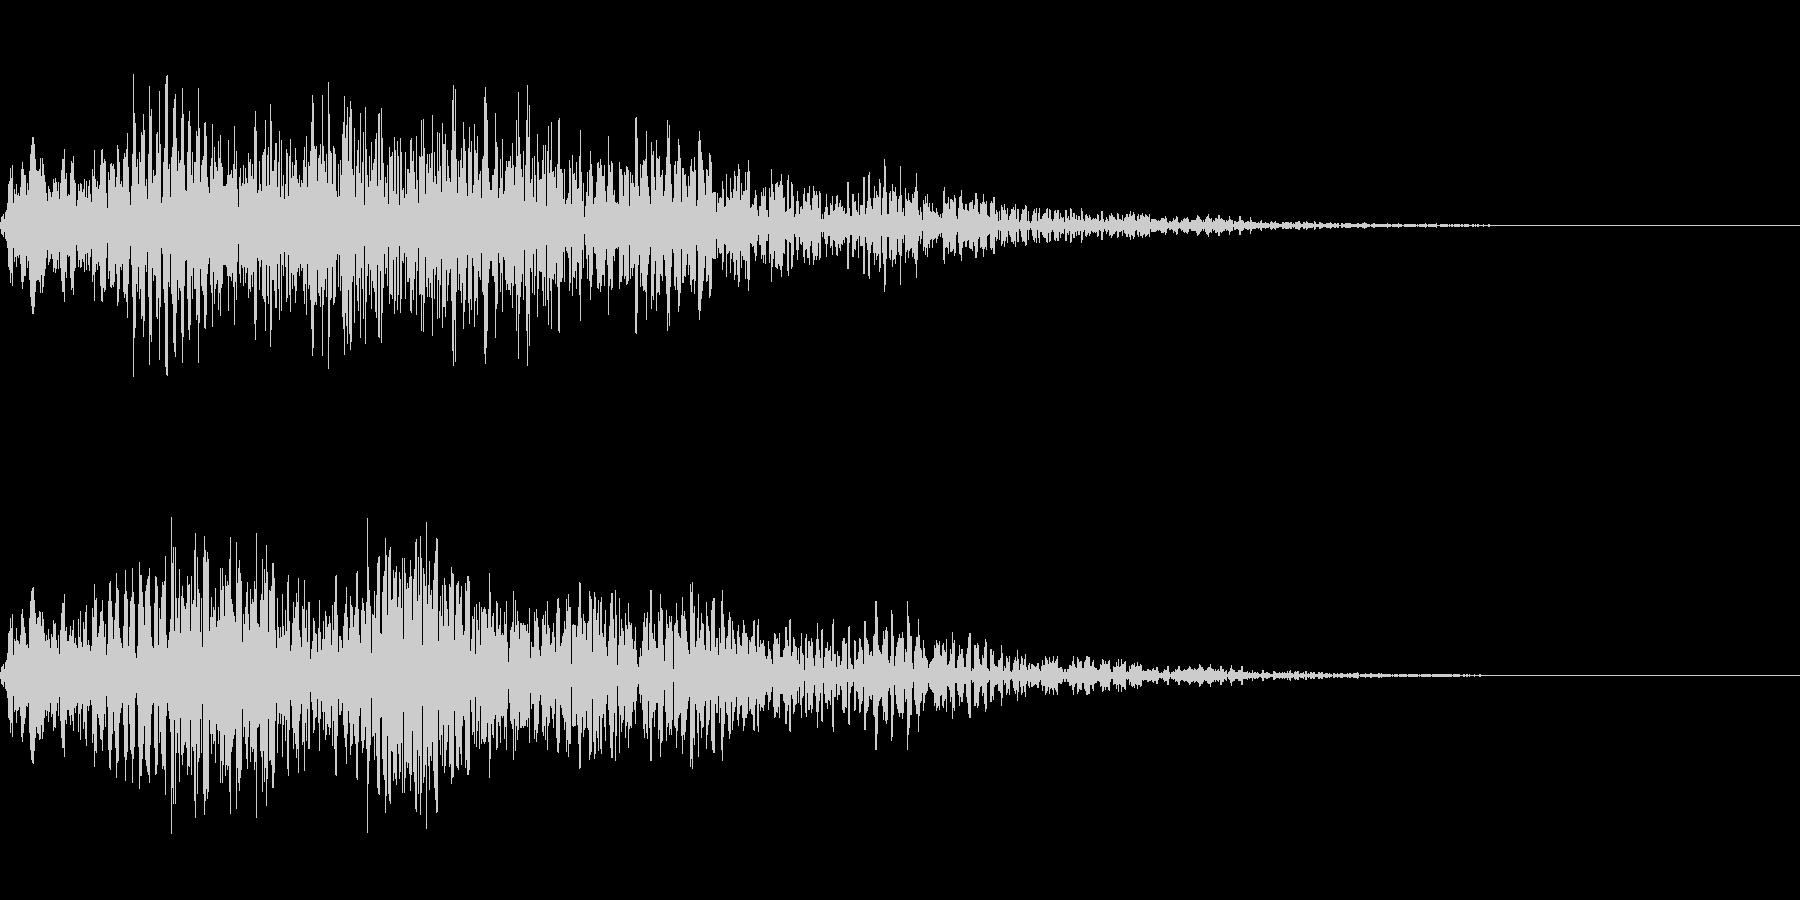 ゴージャスなキャンセル音3の未再生の波形